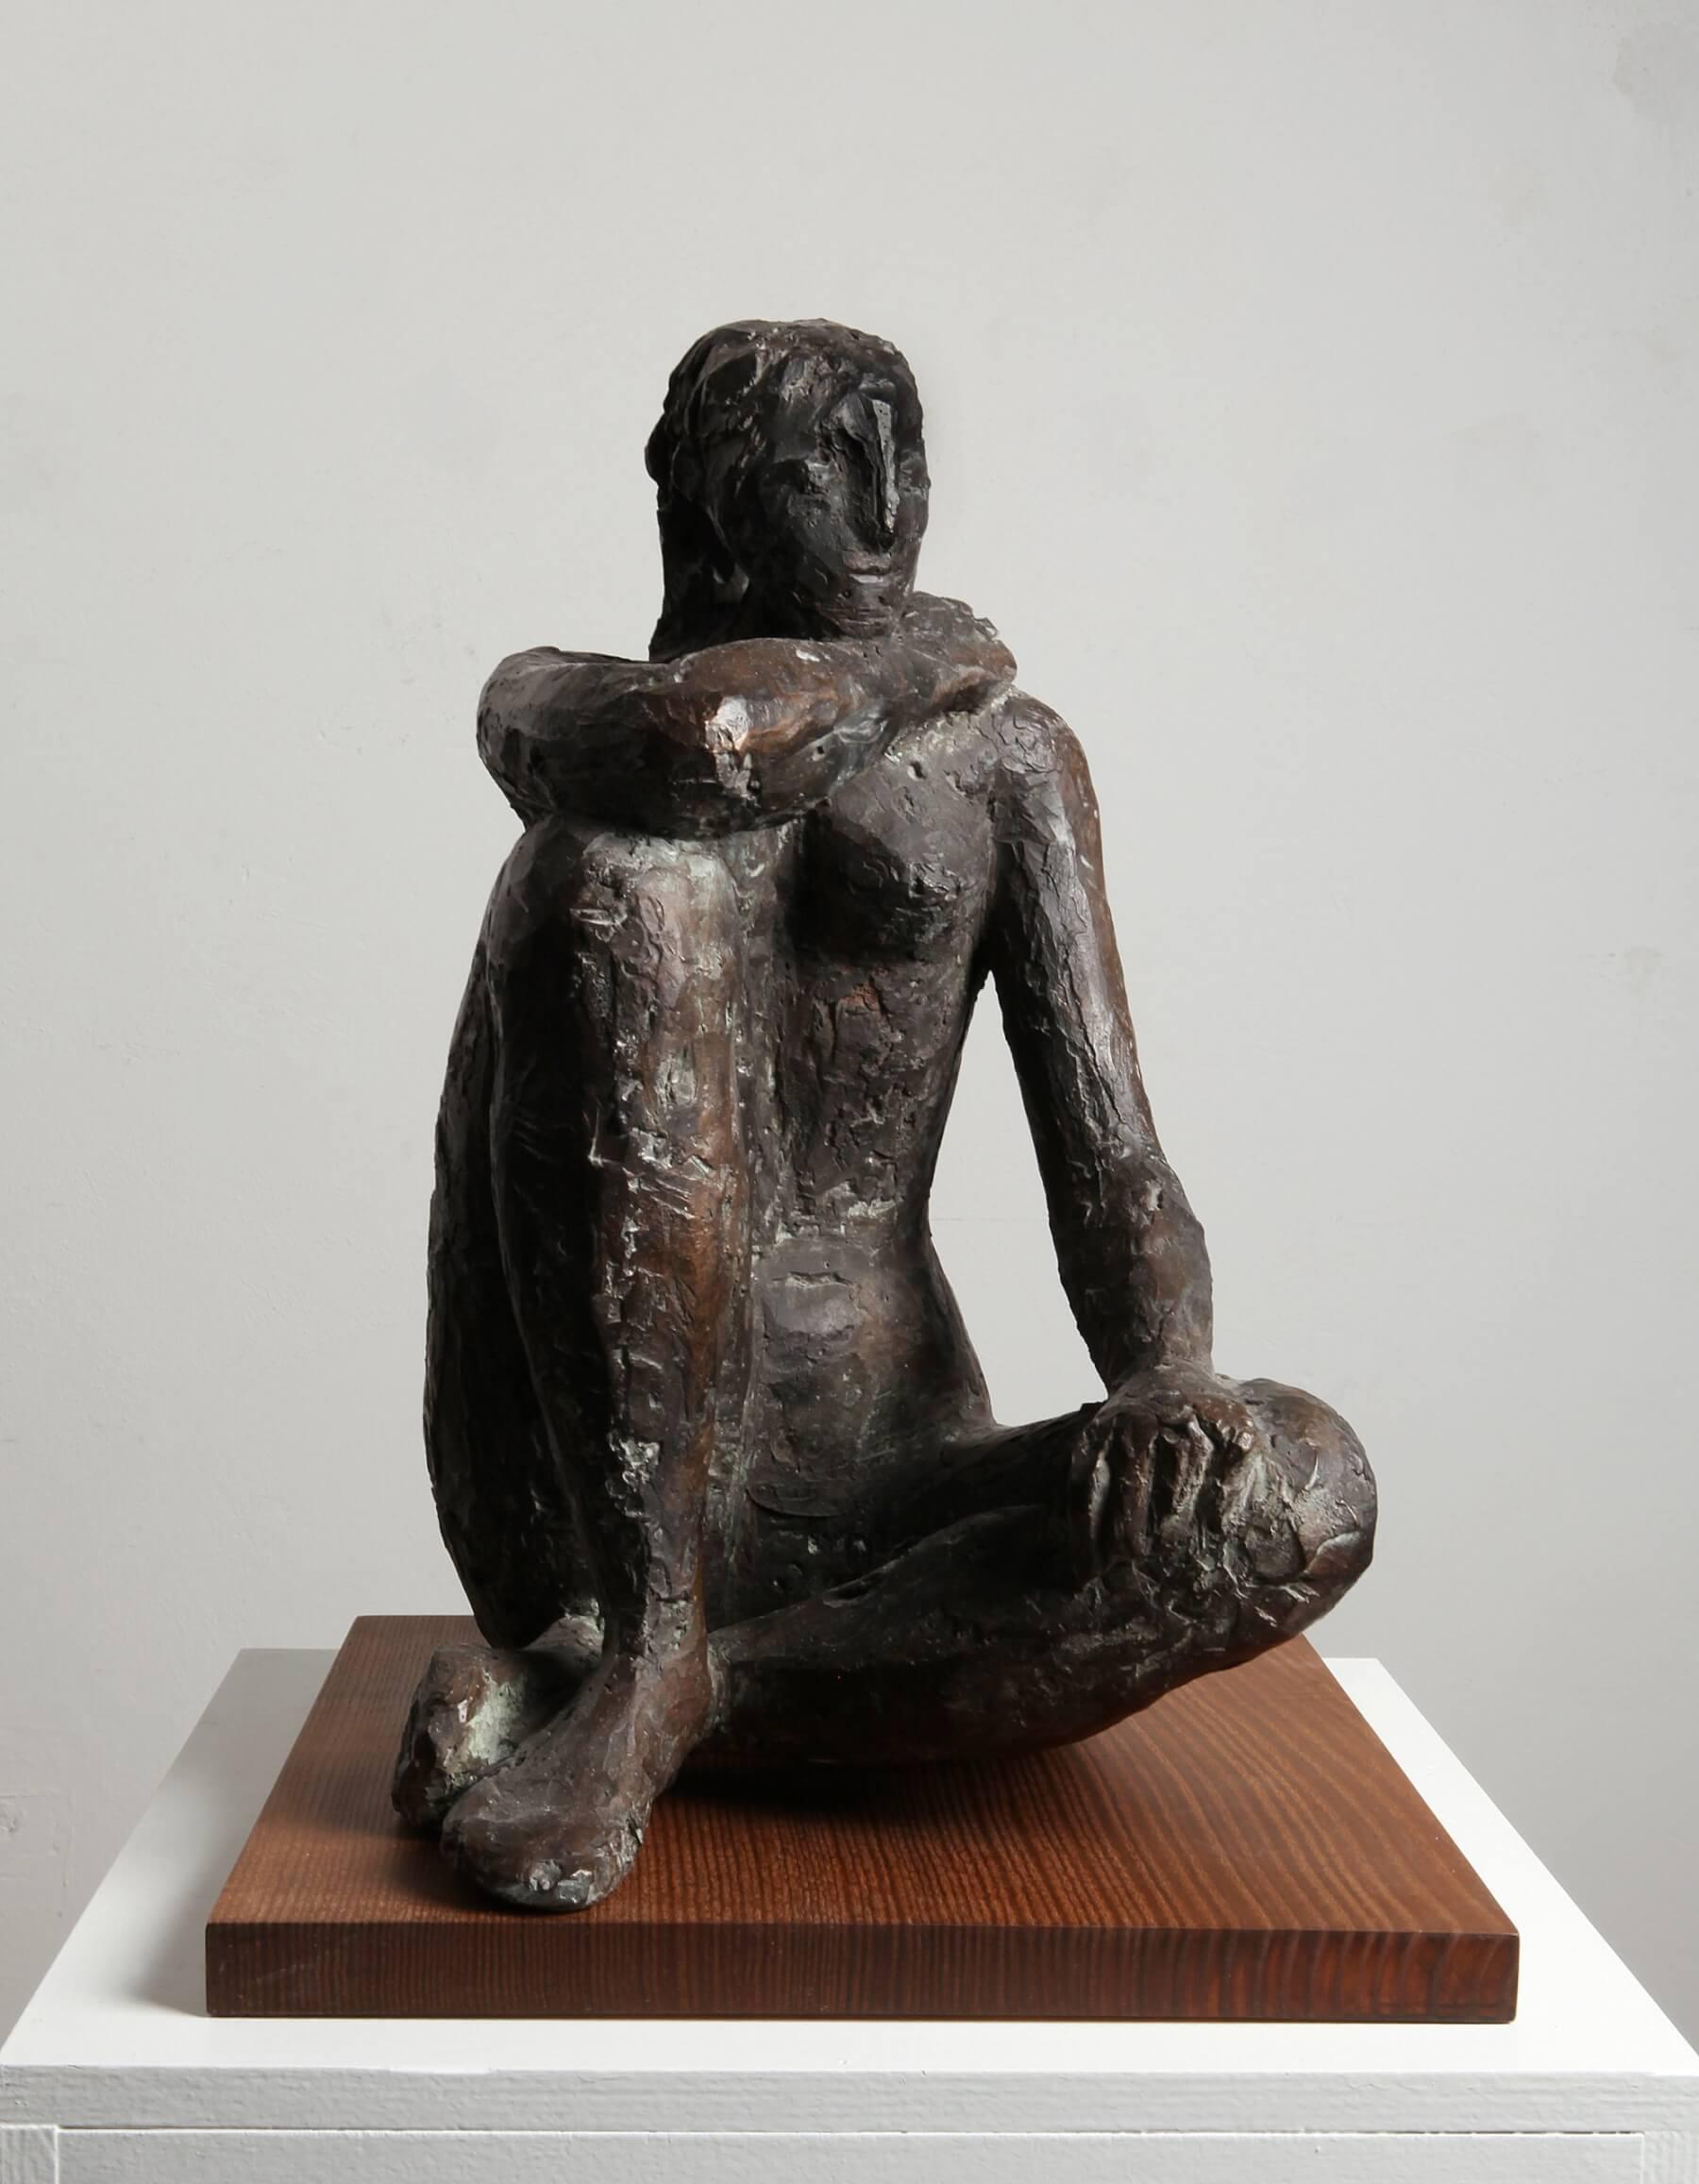 Genni / Jenny Wiegmann-Mucchi, Ausruhende Tänzerin, 1969, Bronze, Höhe 43 cm